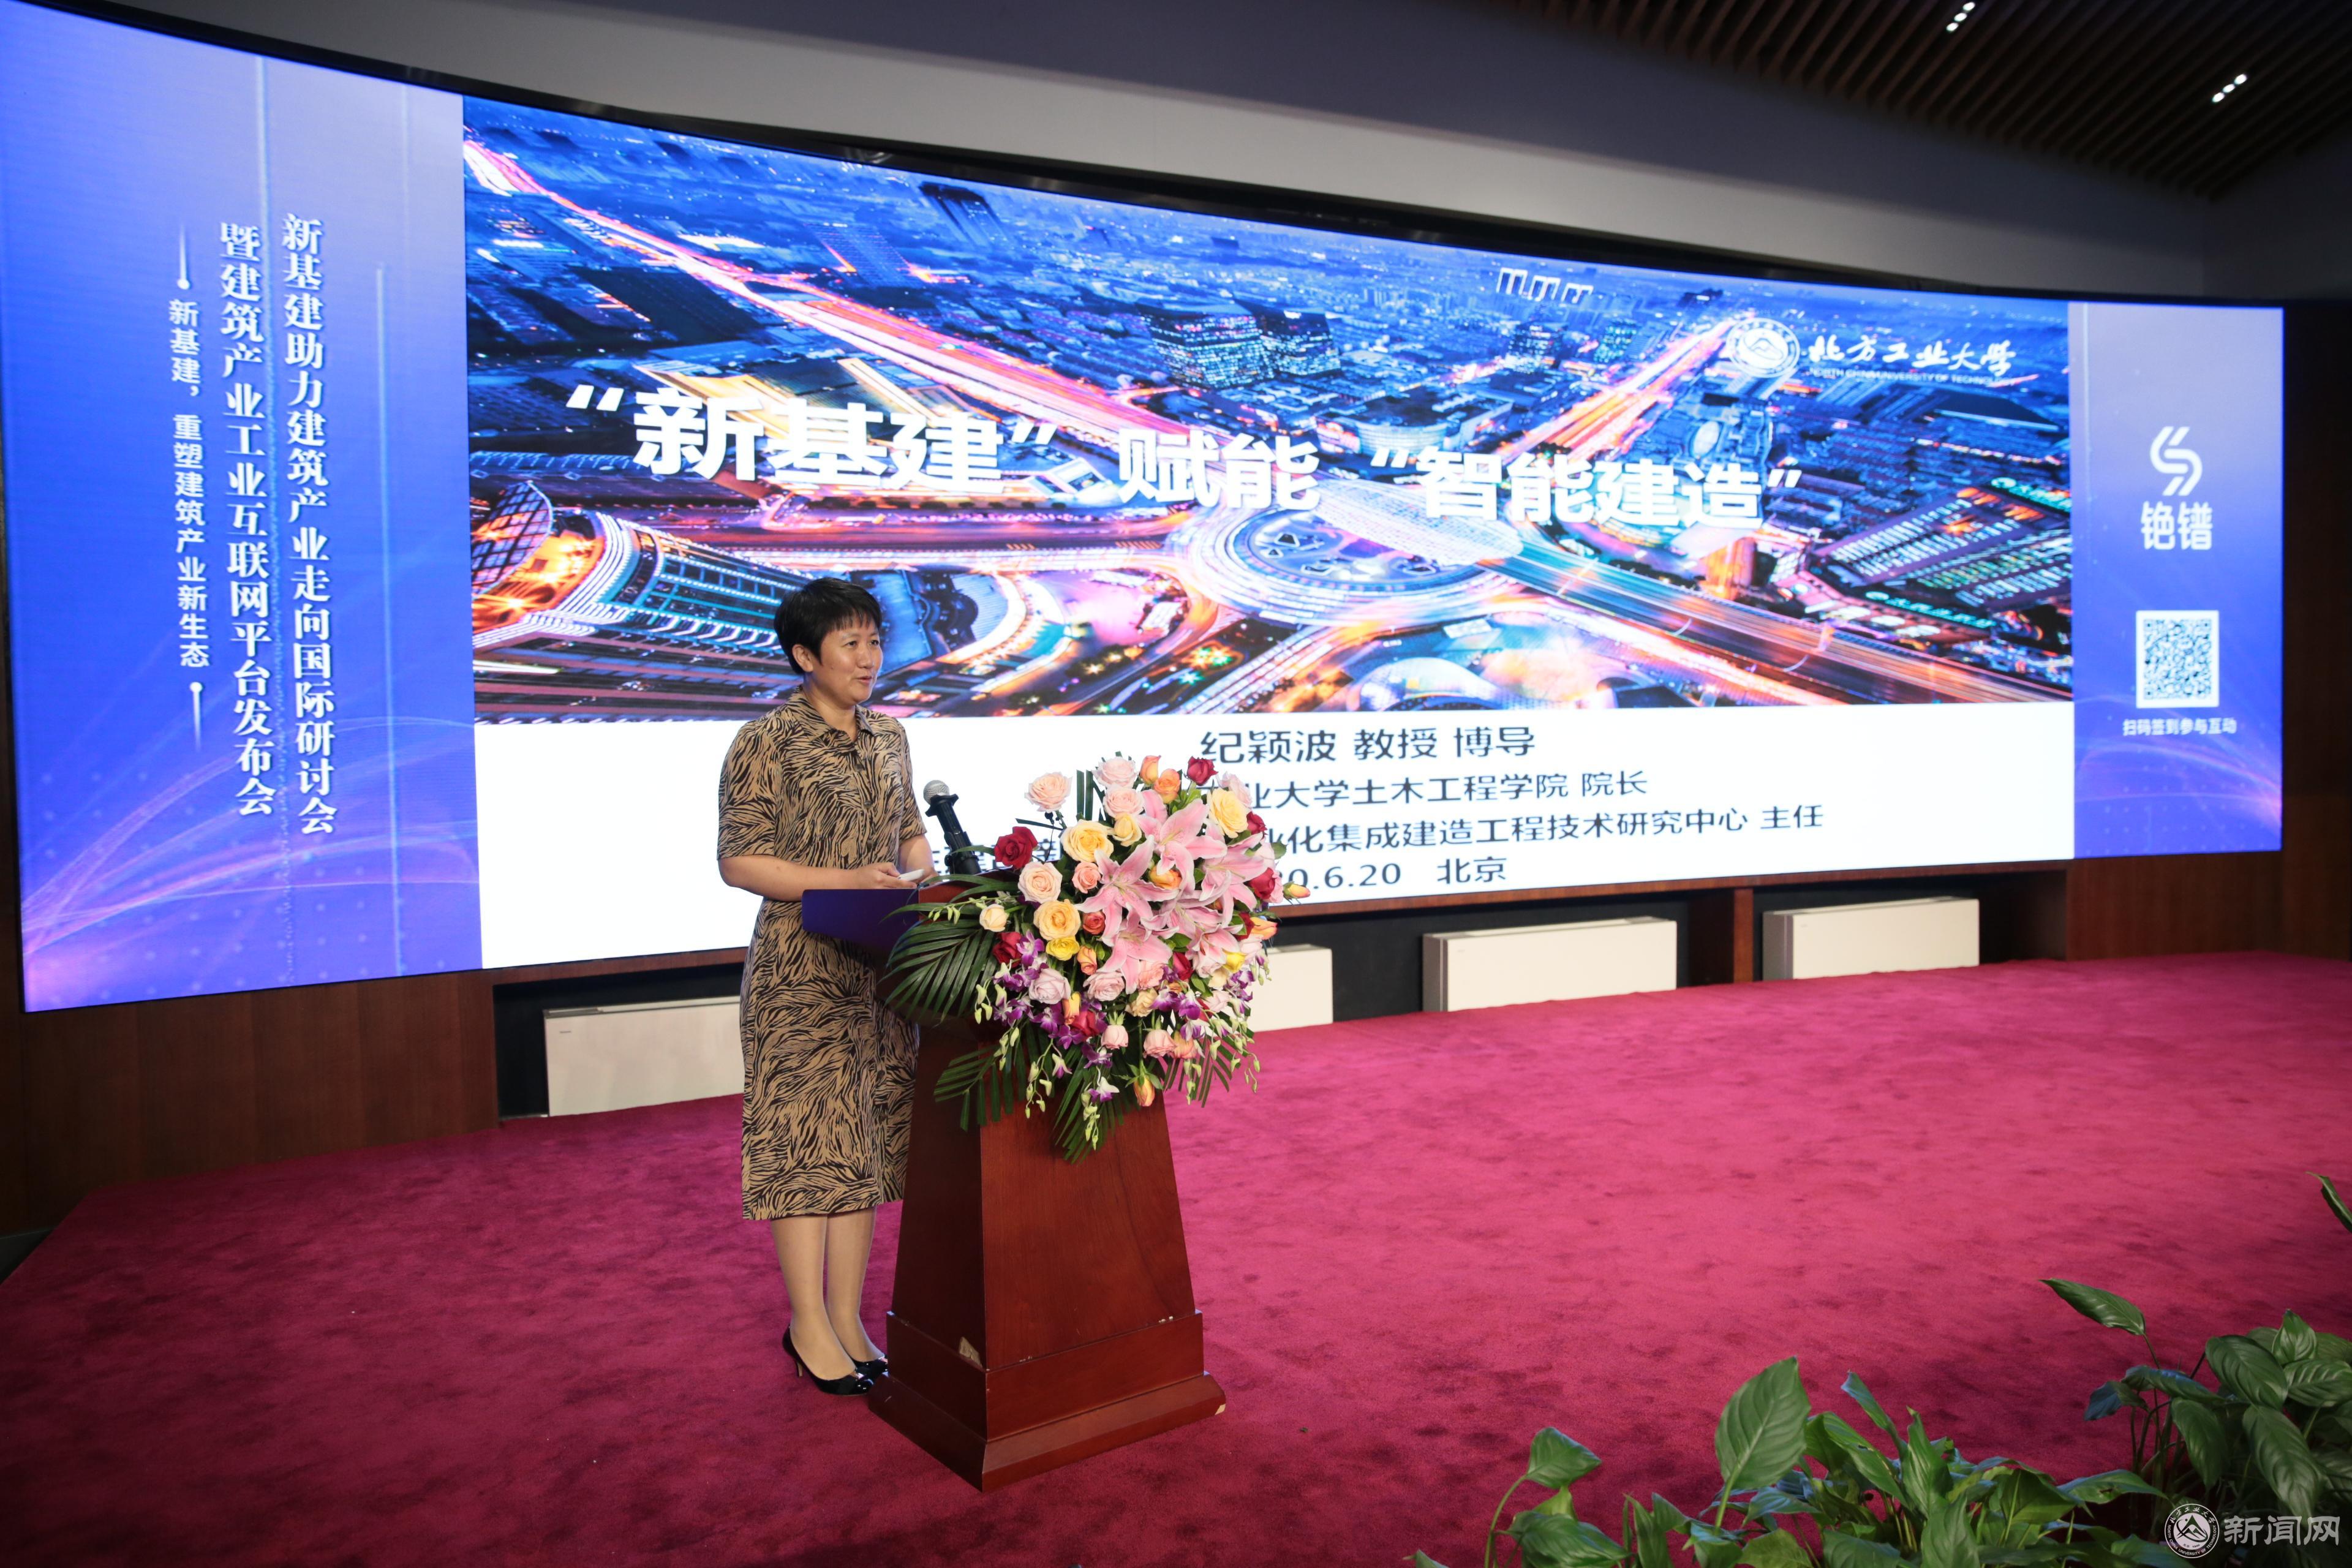 """土木学院教师出席""""新基建助力建筑产业走向国际研讨会""""并做主题宣讲"""